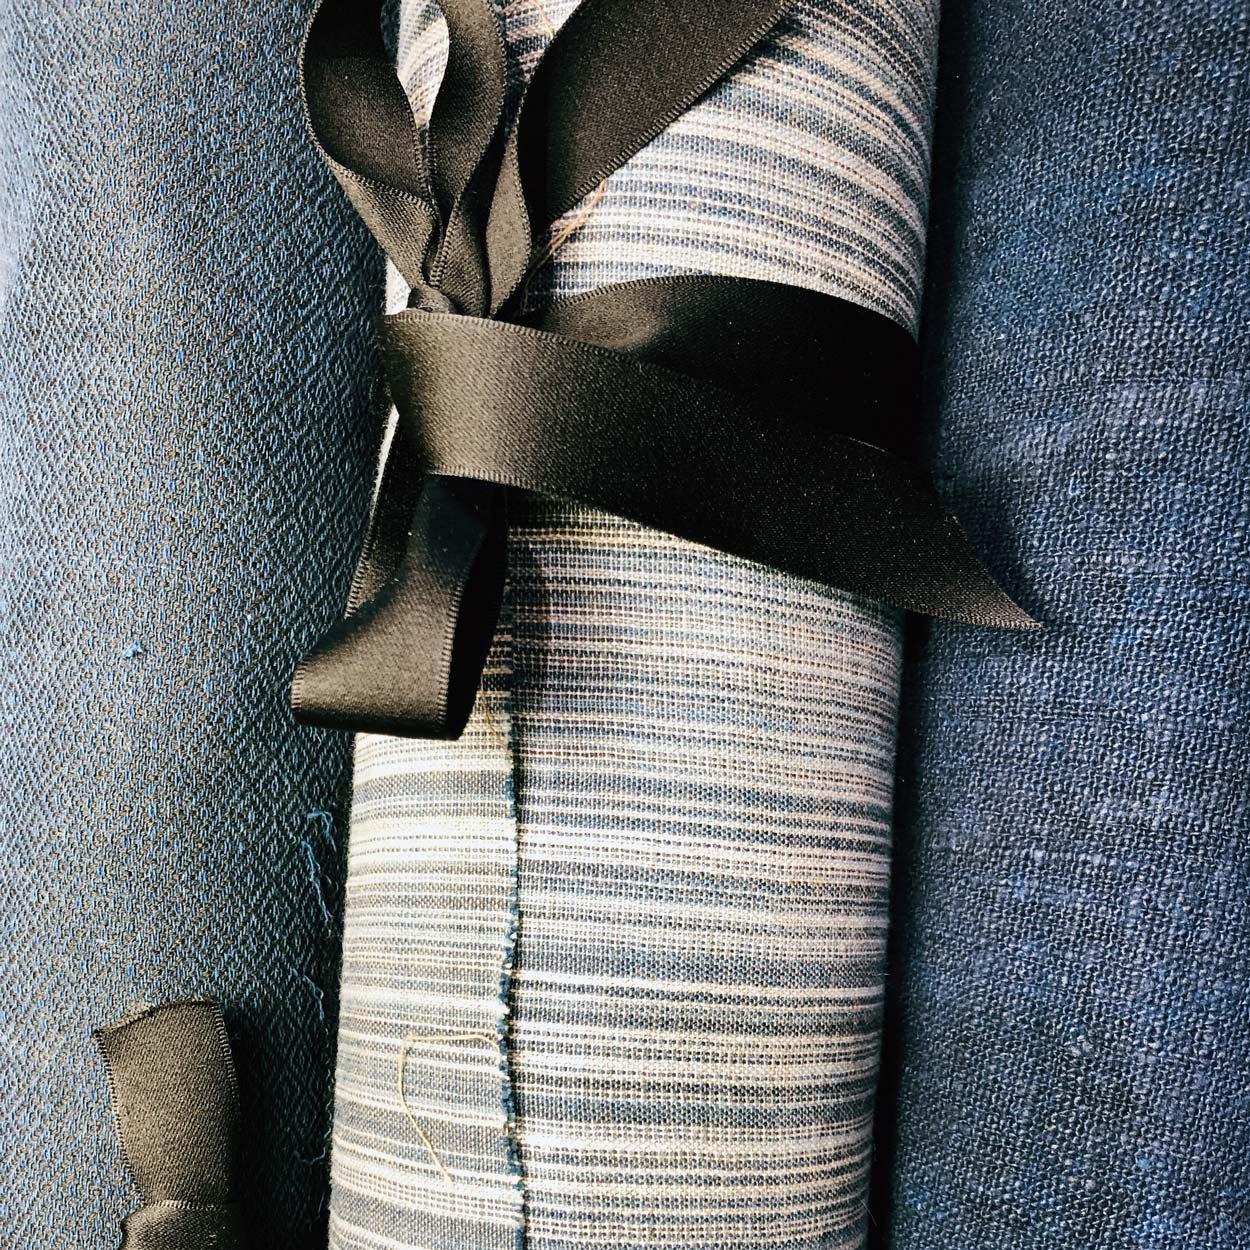 confection-couture-Tissus-au-metre-lin-soie-chanvre-laine-coton-boutique-carouge-geneve-galerie-h